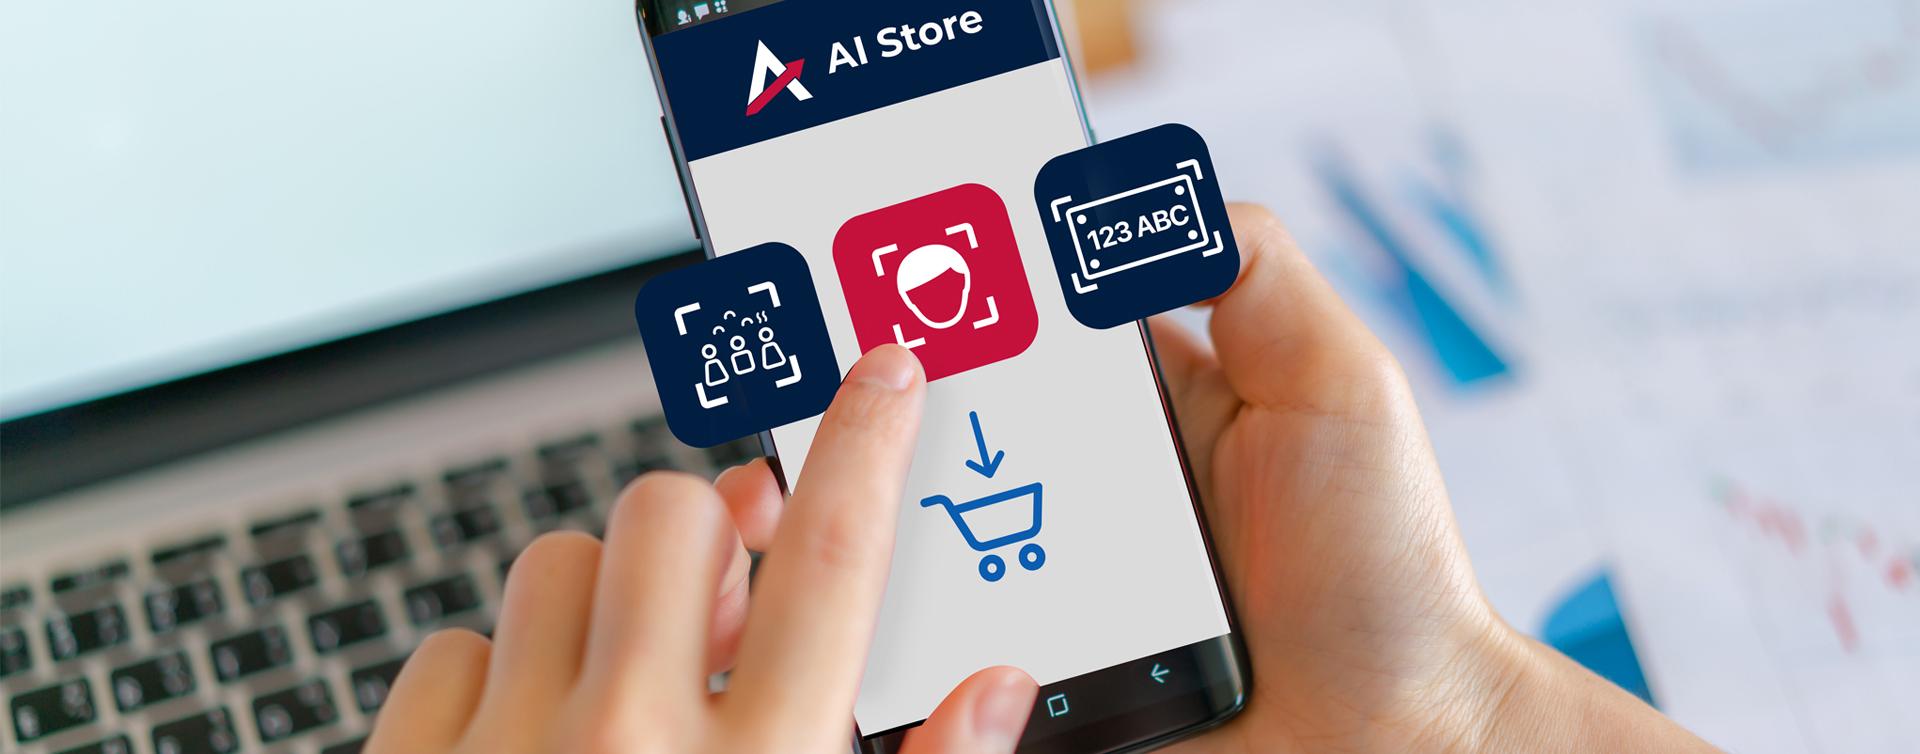 SmarterAI - AI Store